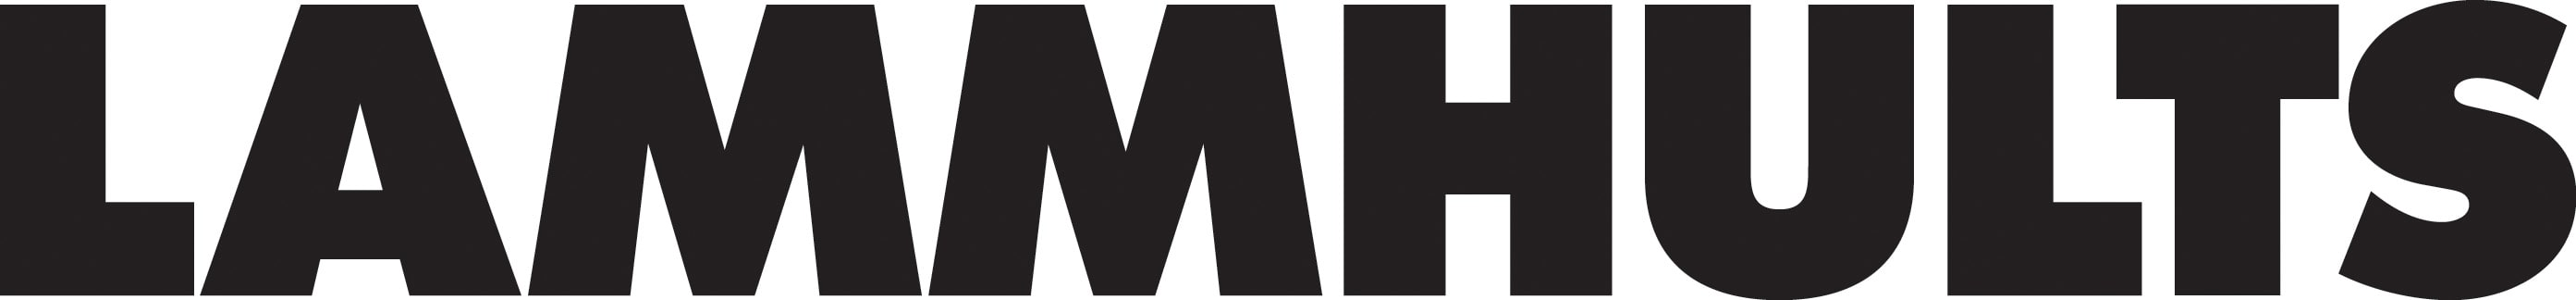 Lammhults Logo Lammhults Möbel AB